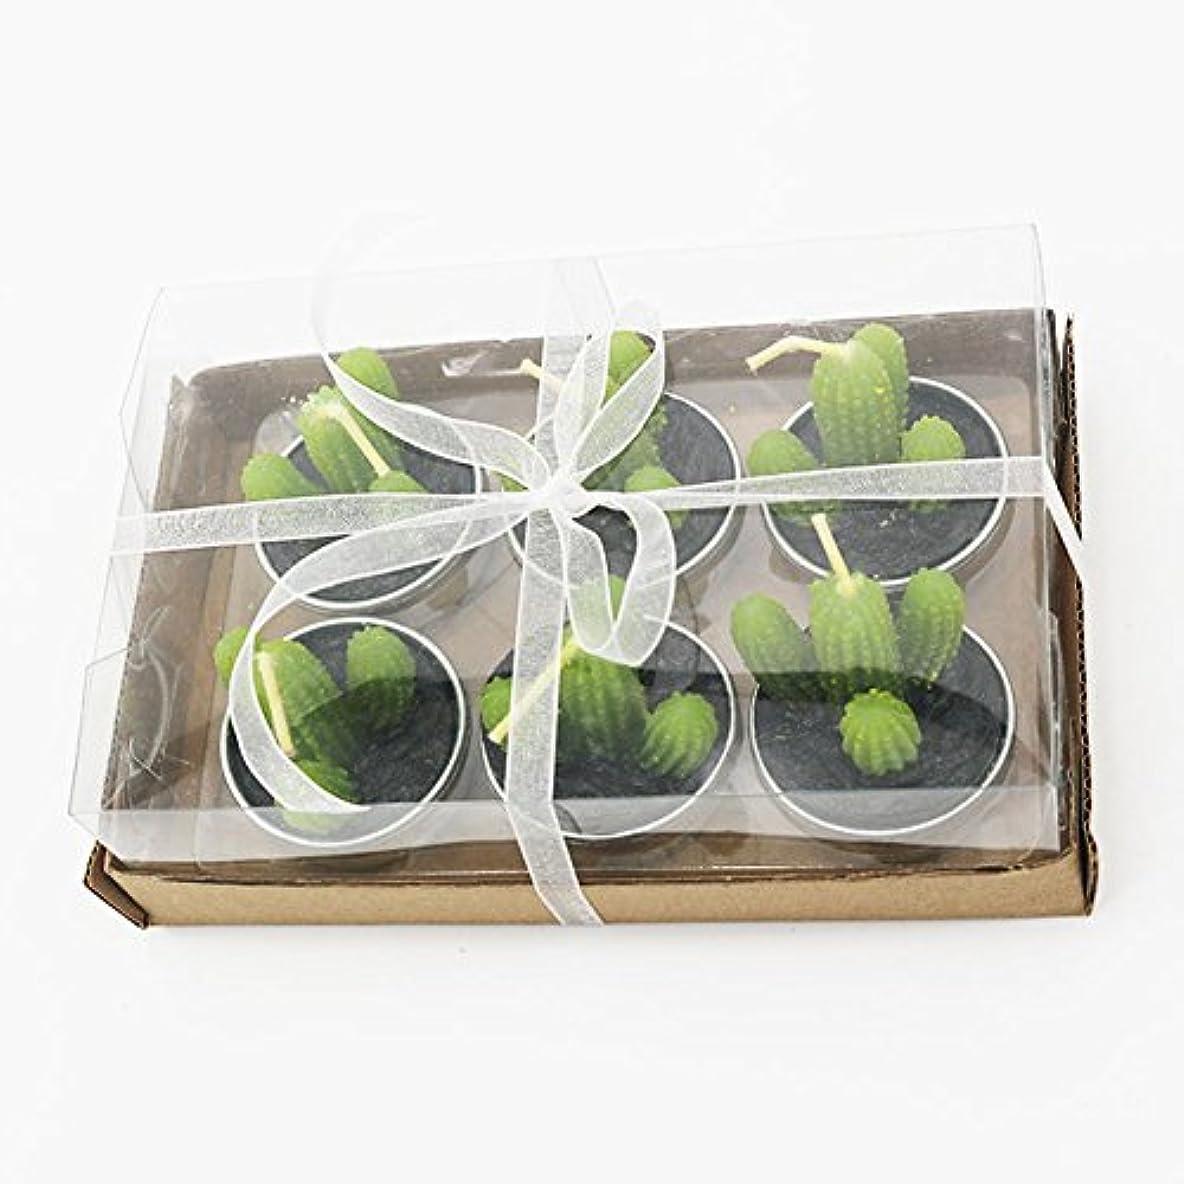 眉をひそめる天皇摂氏Liebeye キャンドル 多肉植物スモークフリーのクリエイティブなキャンドル100%自然のワックスかわいい模造植物フルーツの形状低温キャンドル 6個/箱 カクタス?ボックス